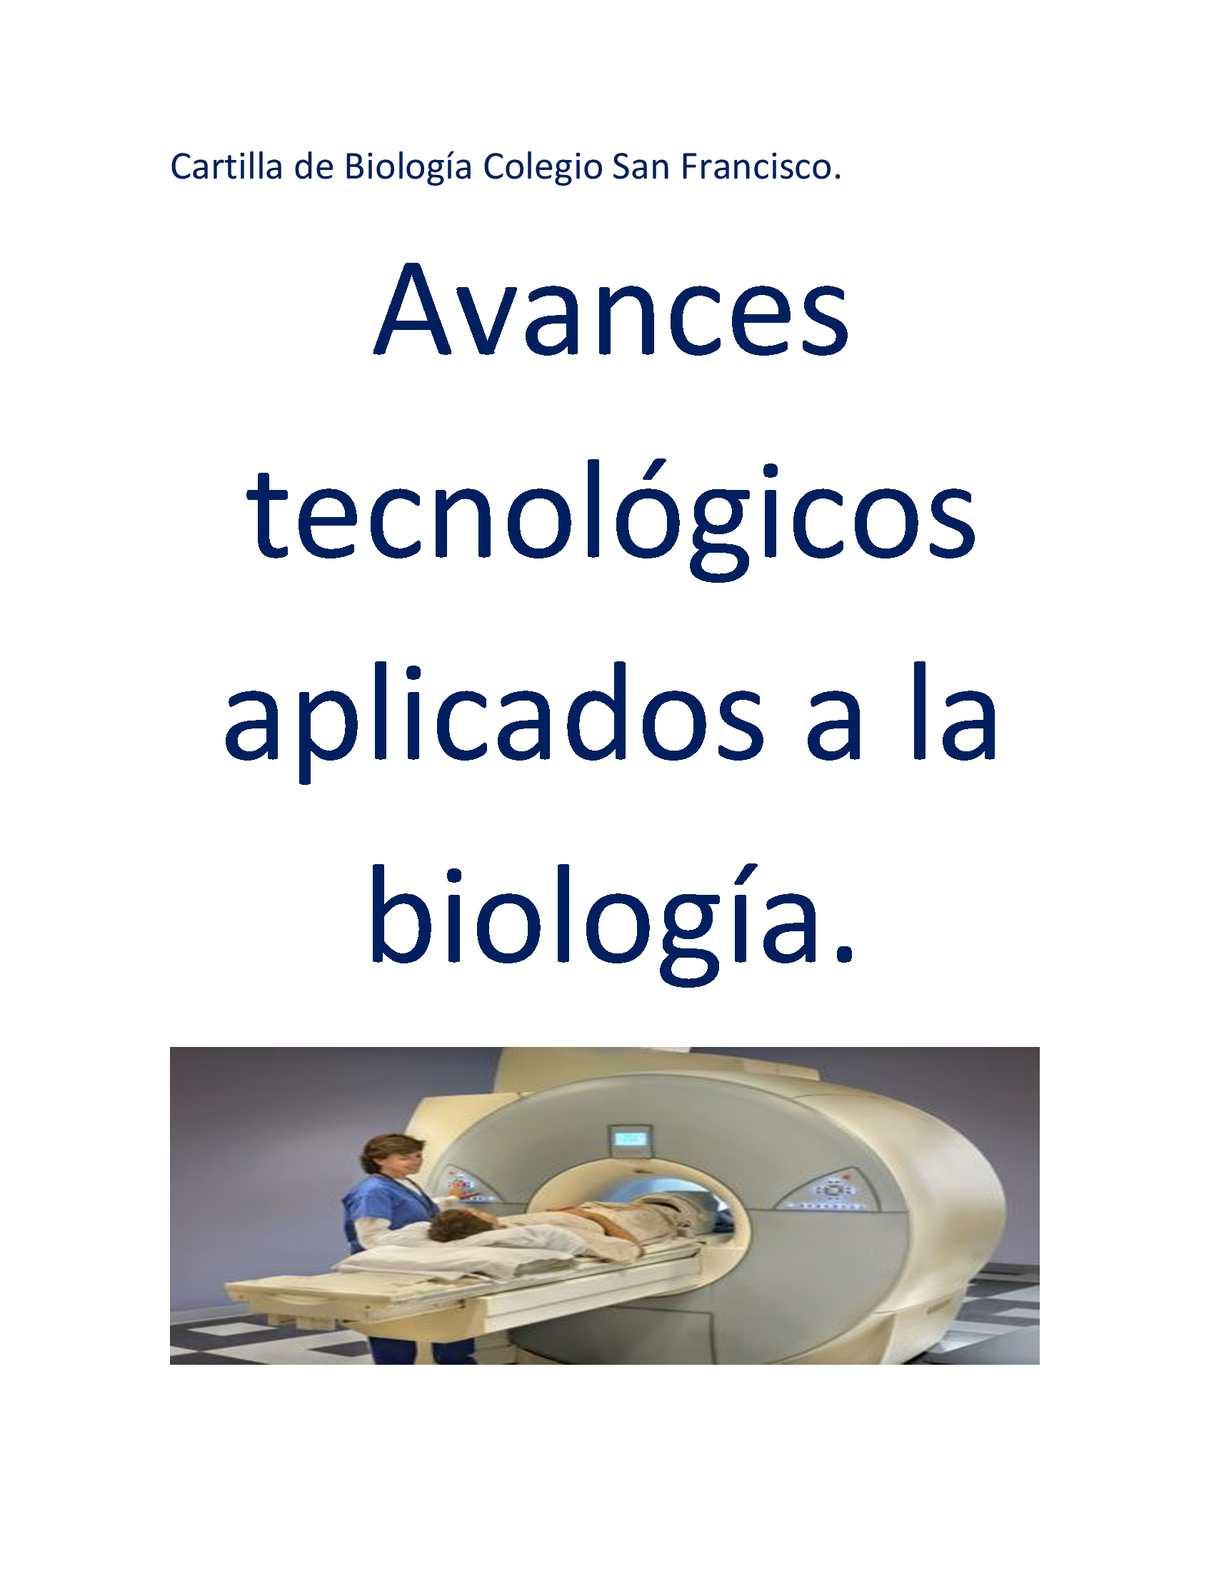 inventos tecnologicos de biologia